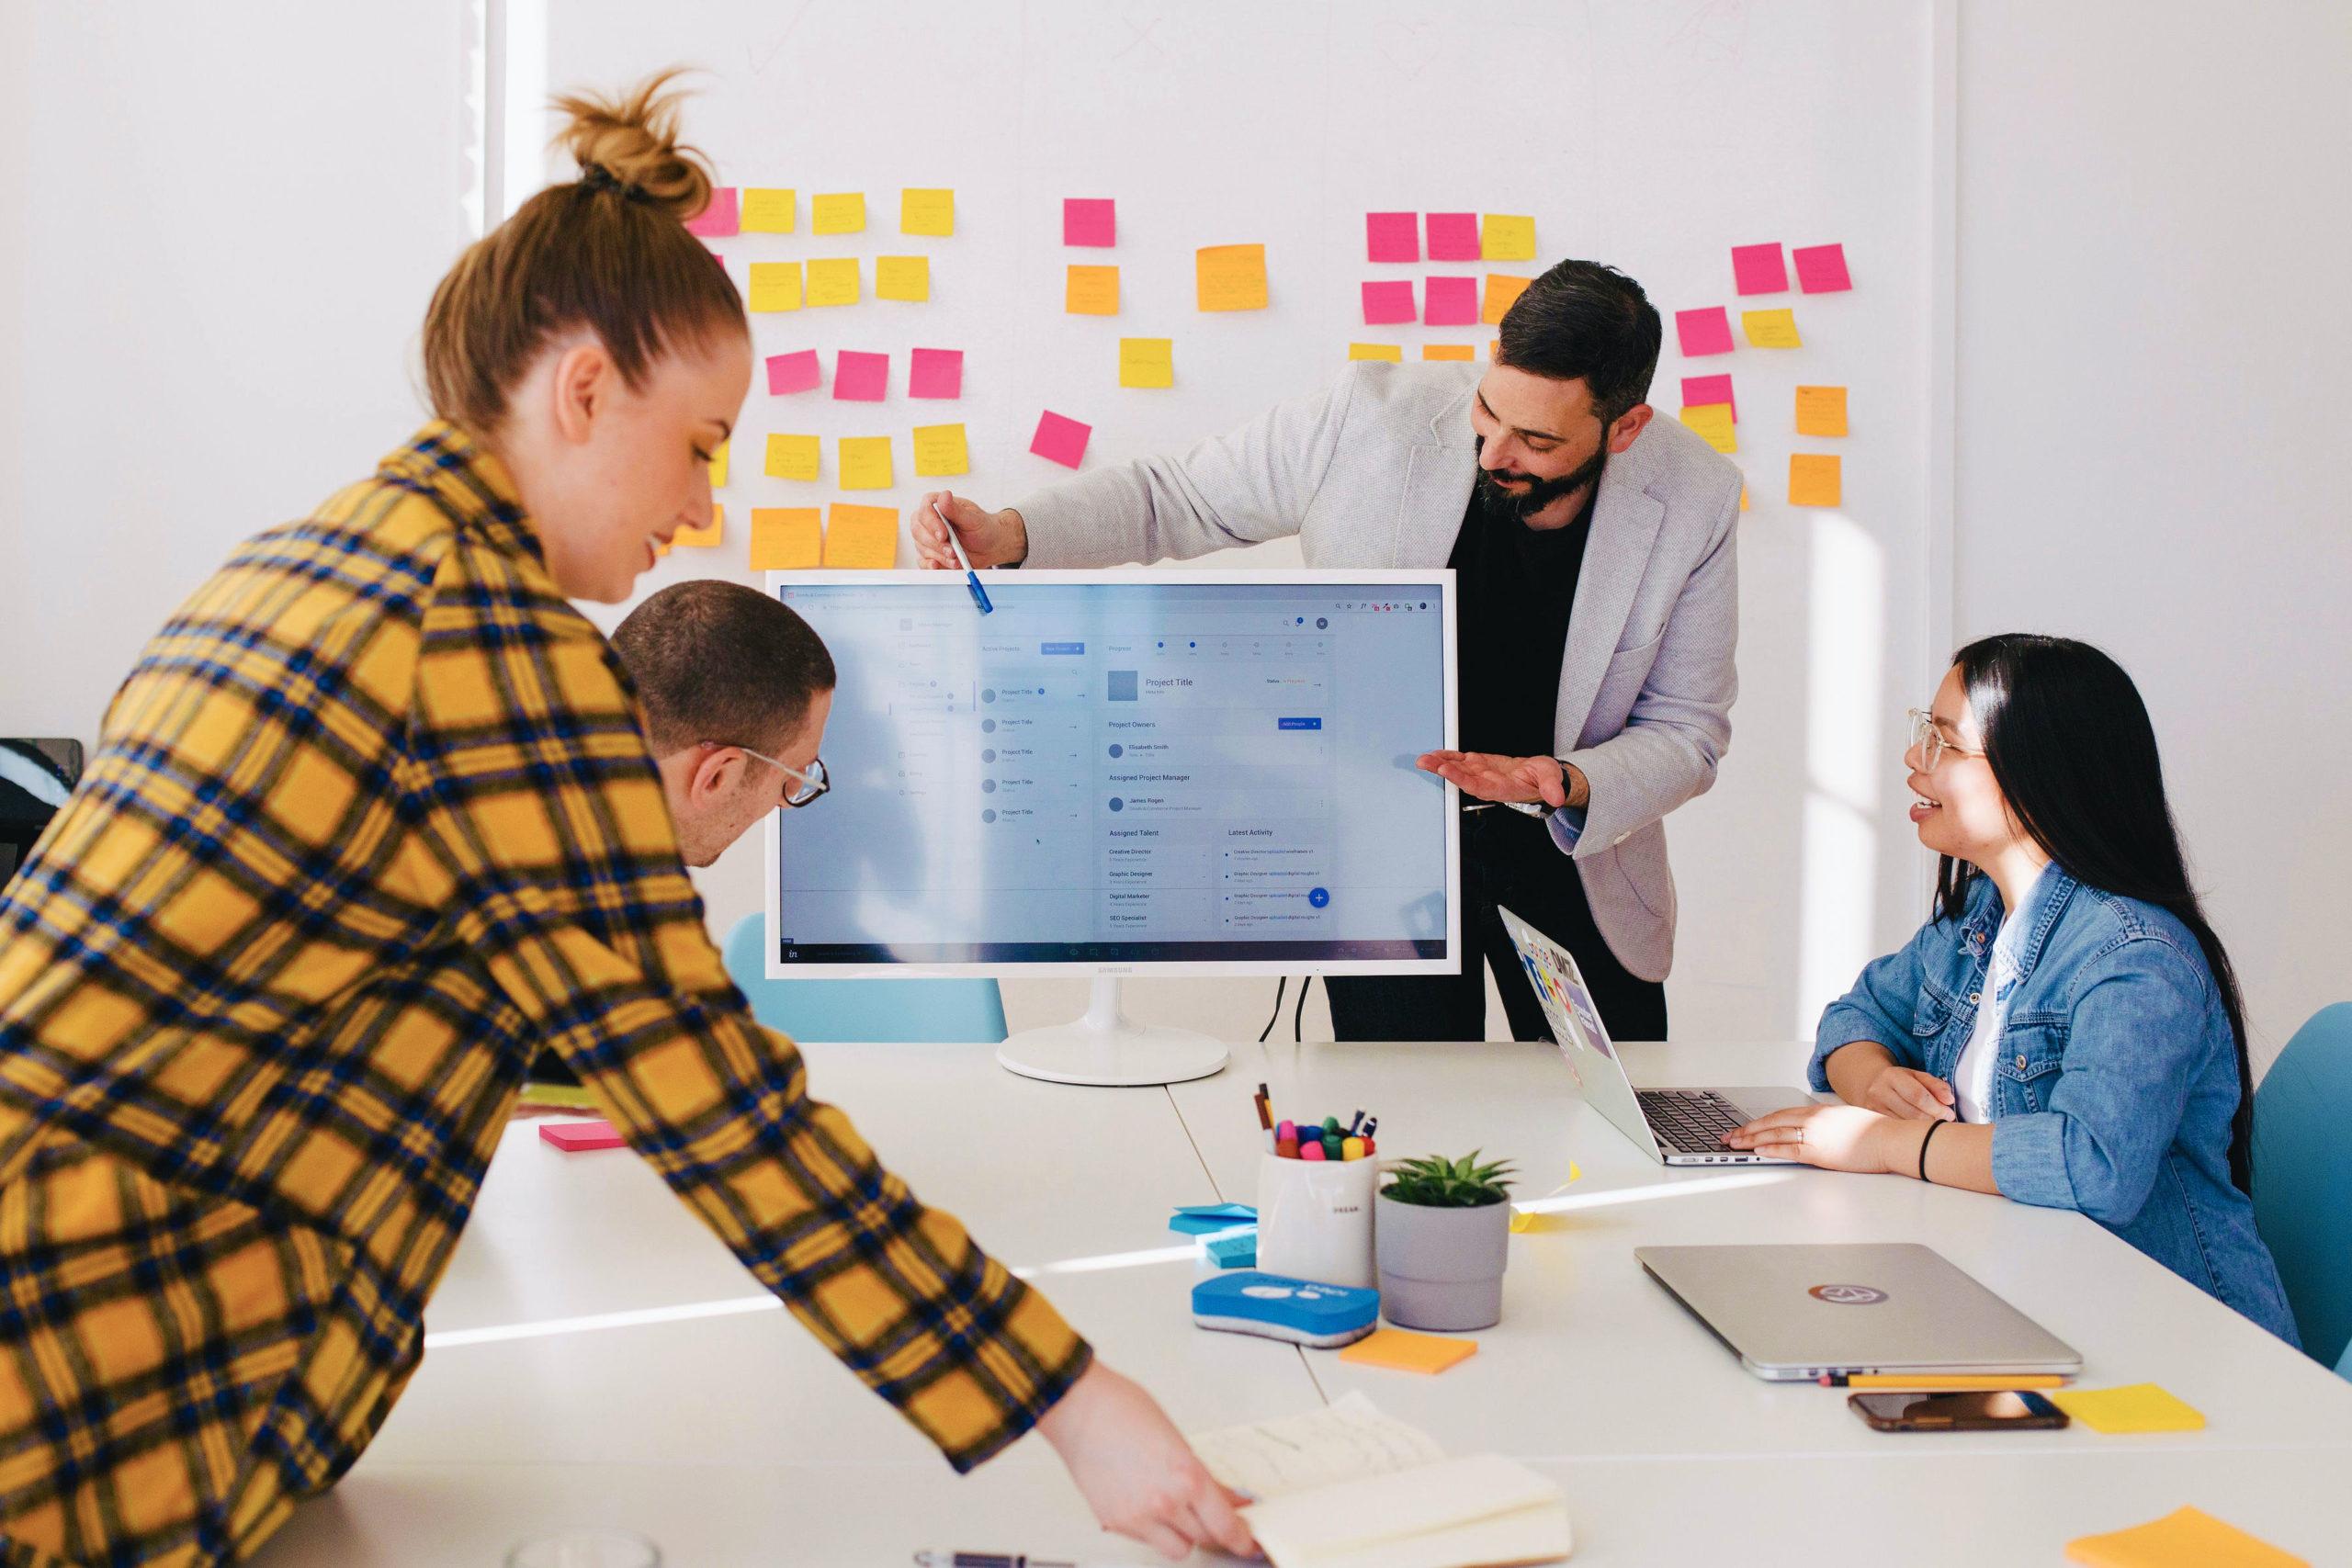 Collaborateurs en formation dans une salle de réunion